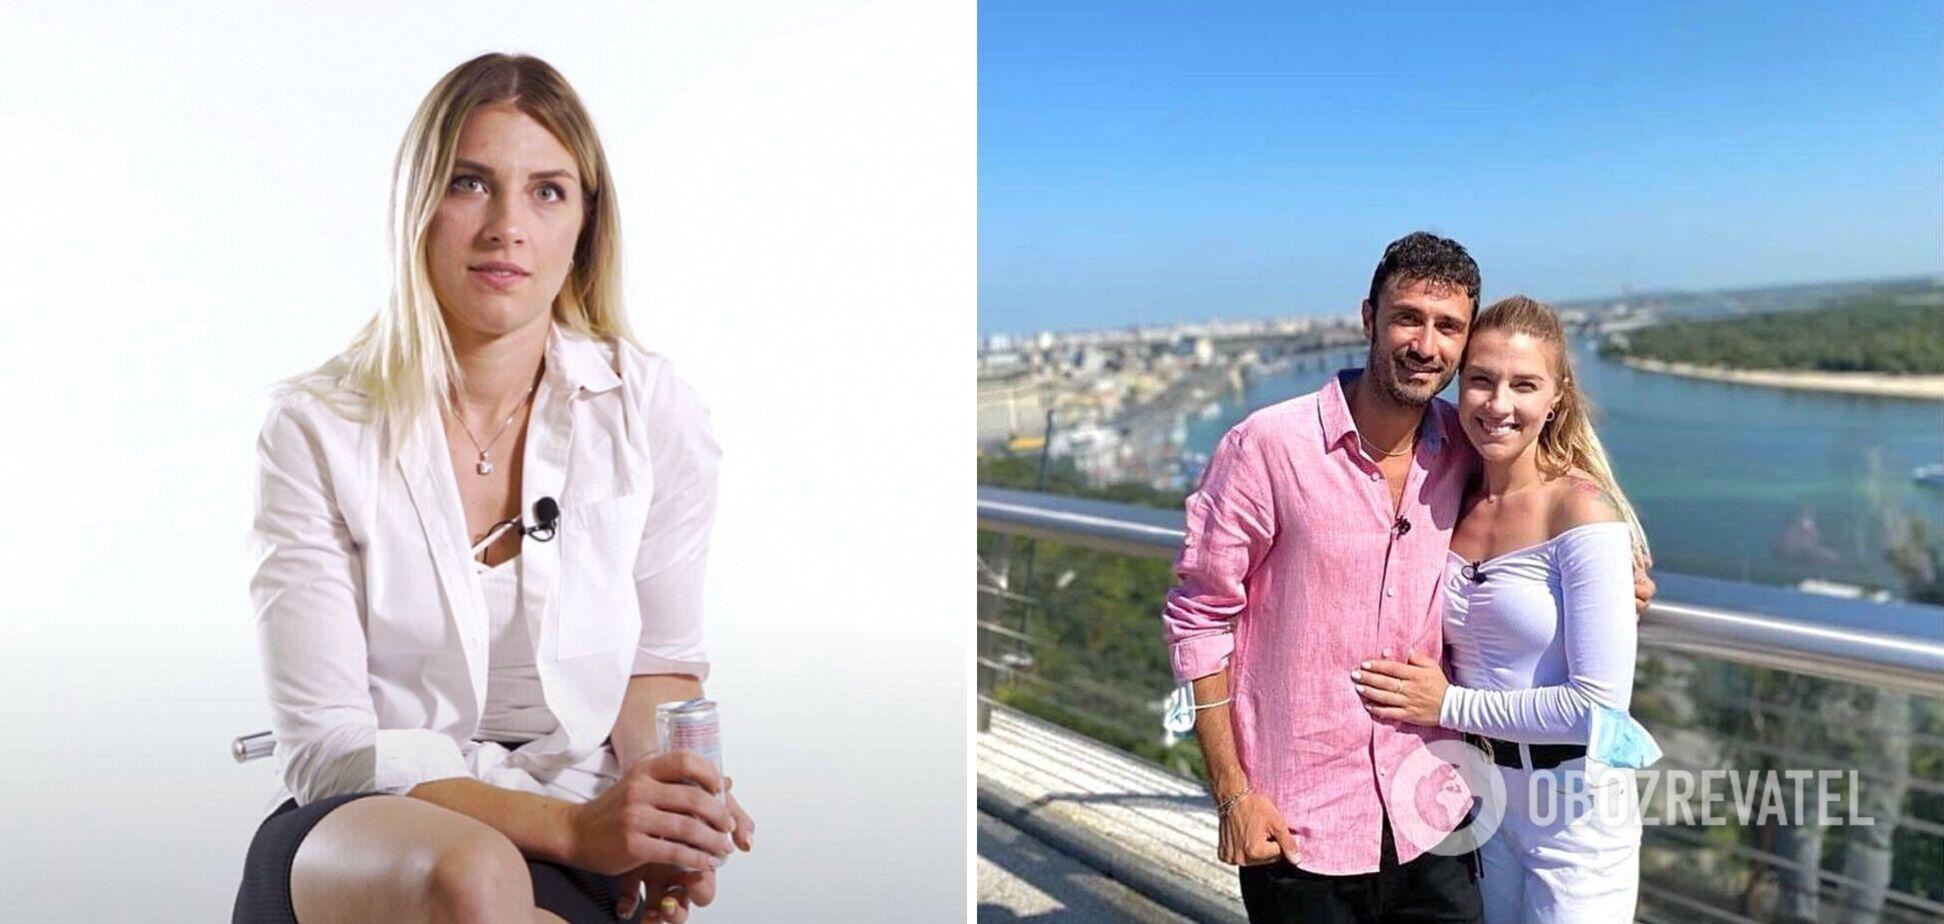 Ольга Харлан встречается с итальянцем Луиджи Самеле